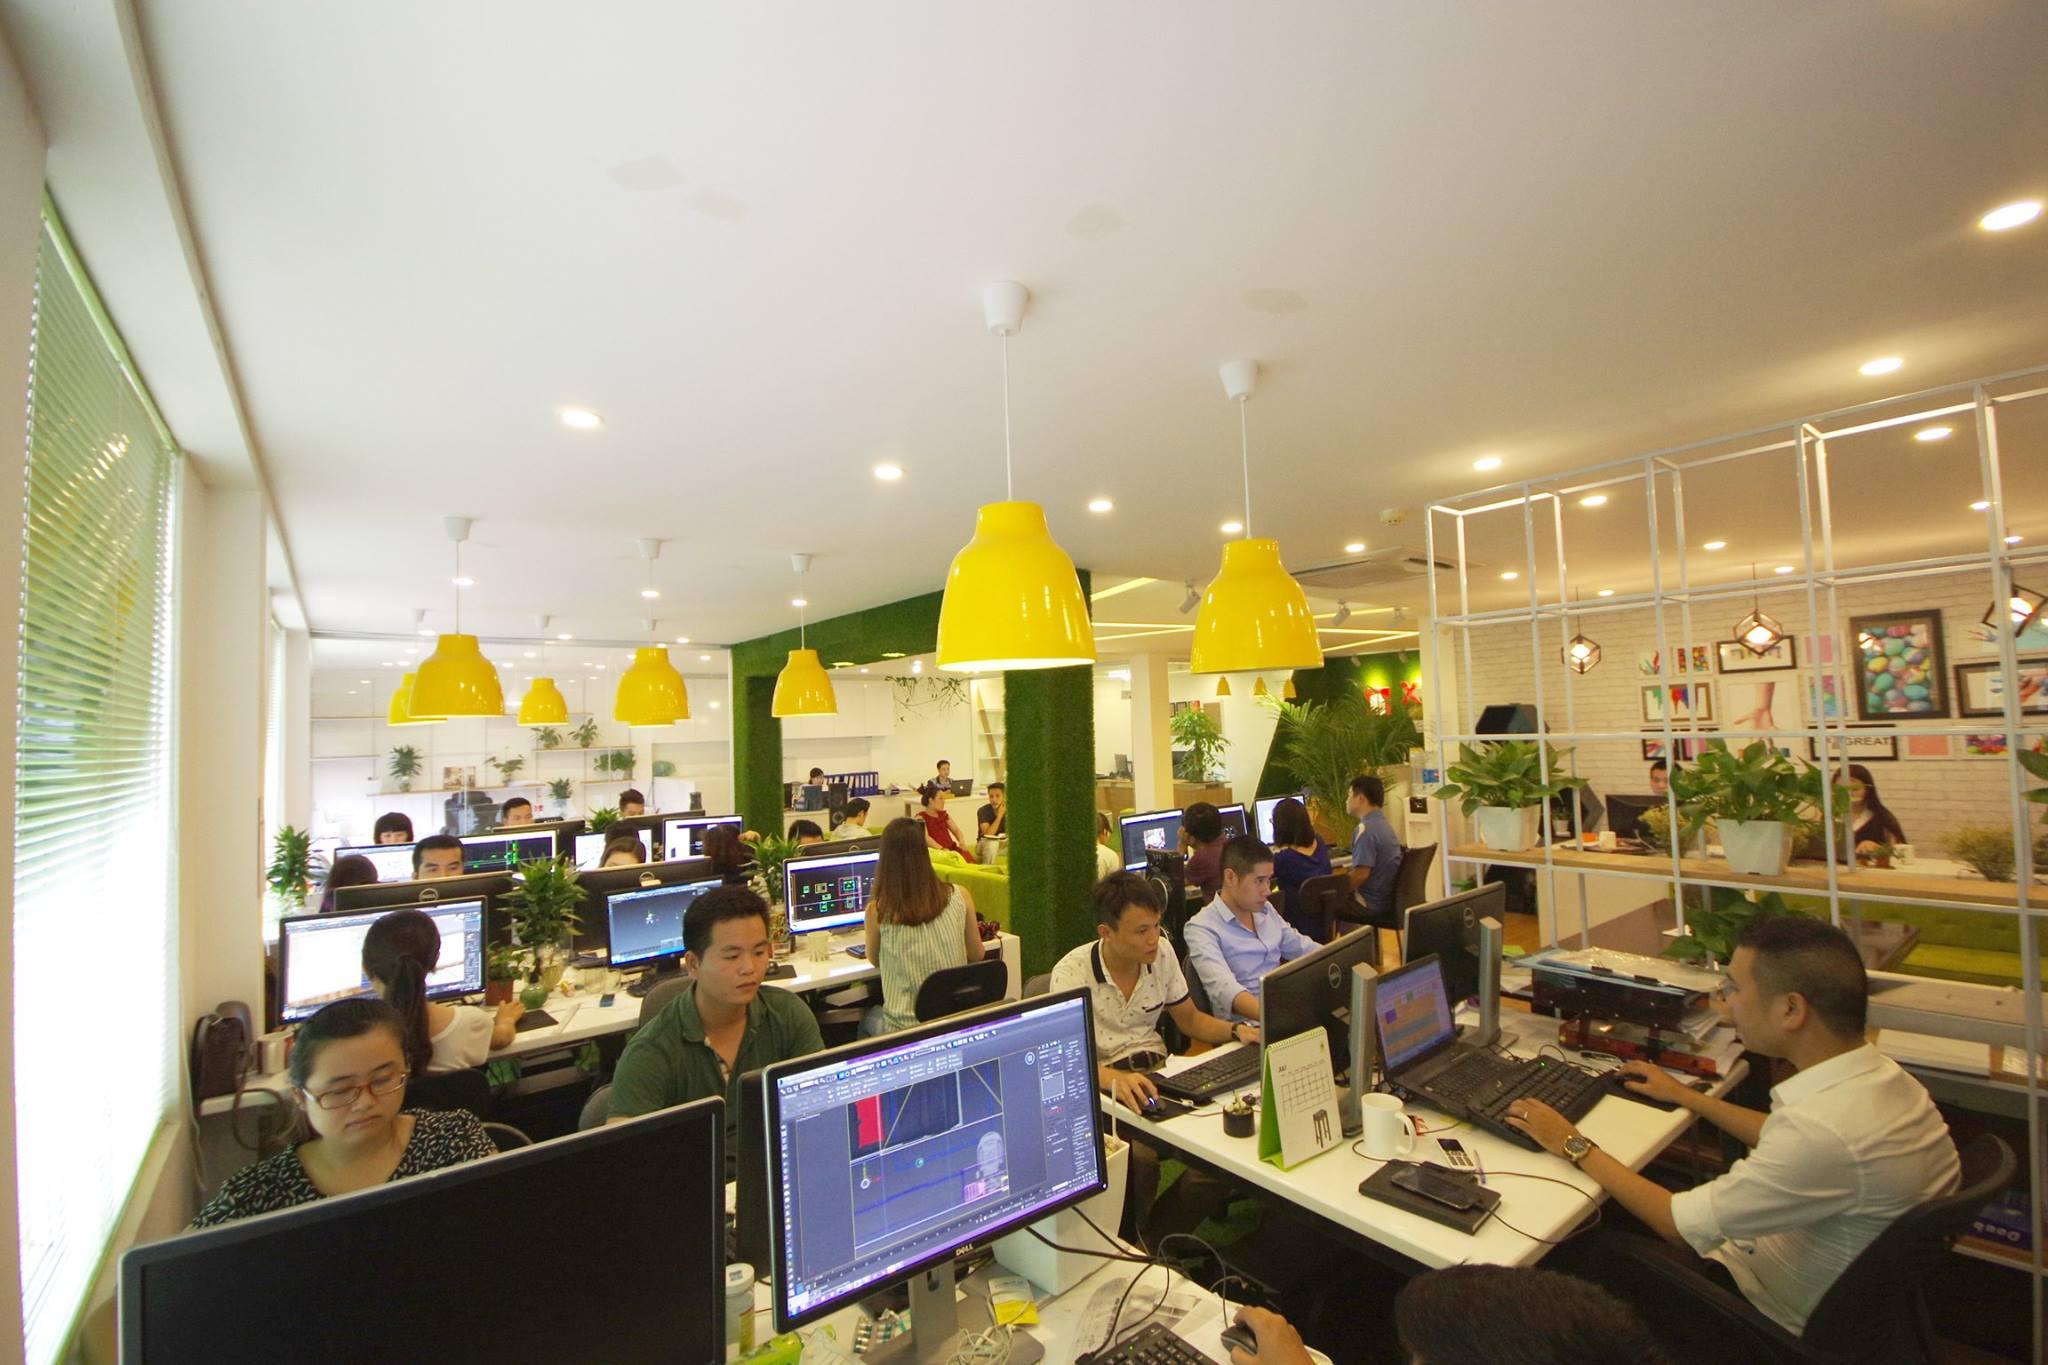 Jobs at Công Ty Cổ Phần Nội Thất Thông Minh Xhome Việt Nam